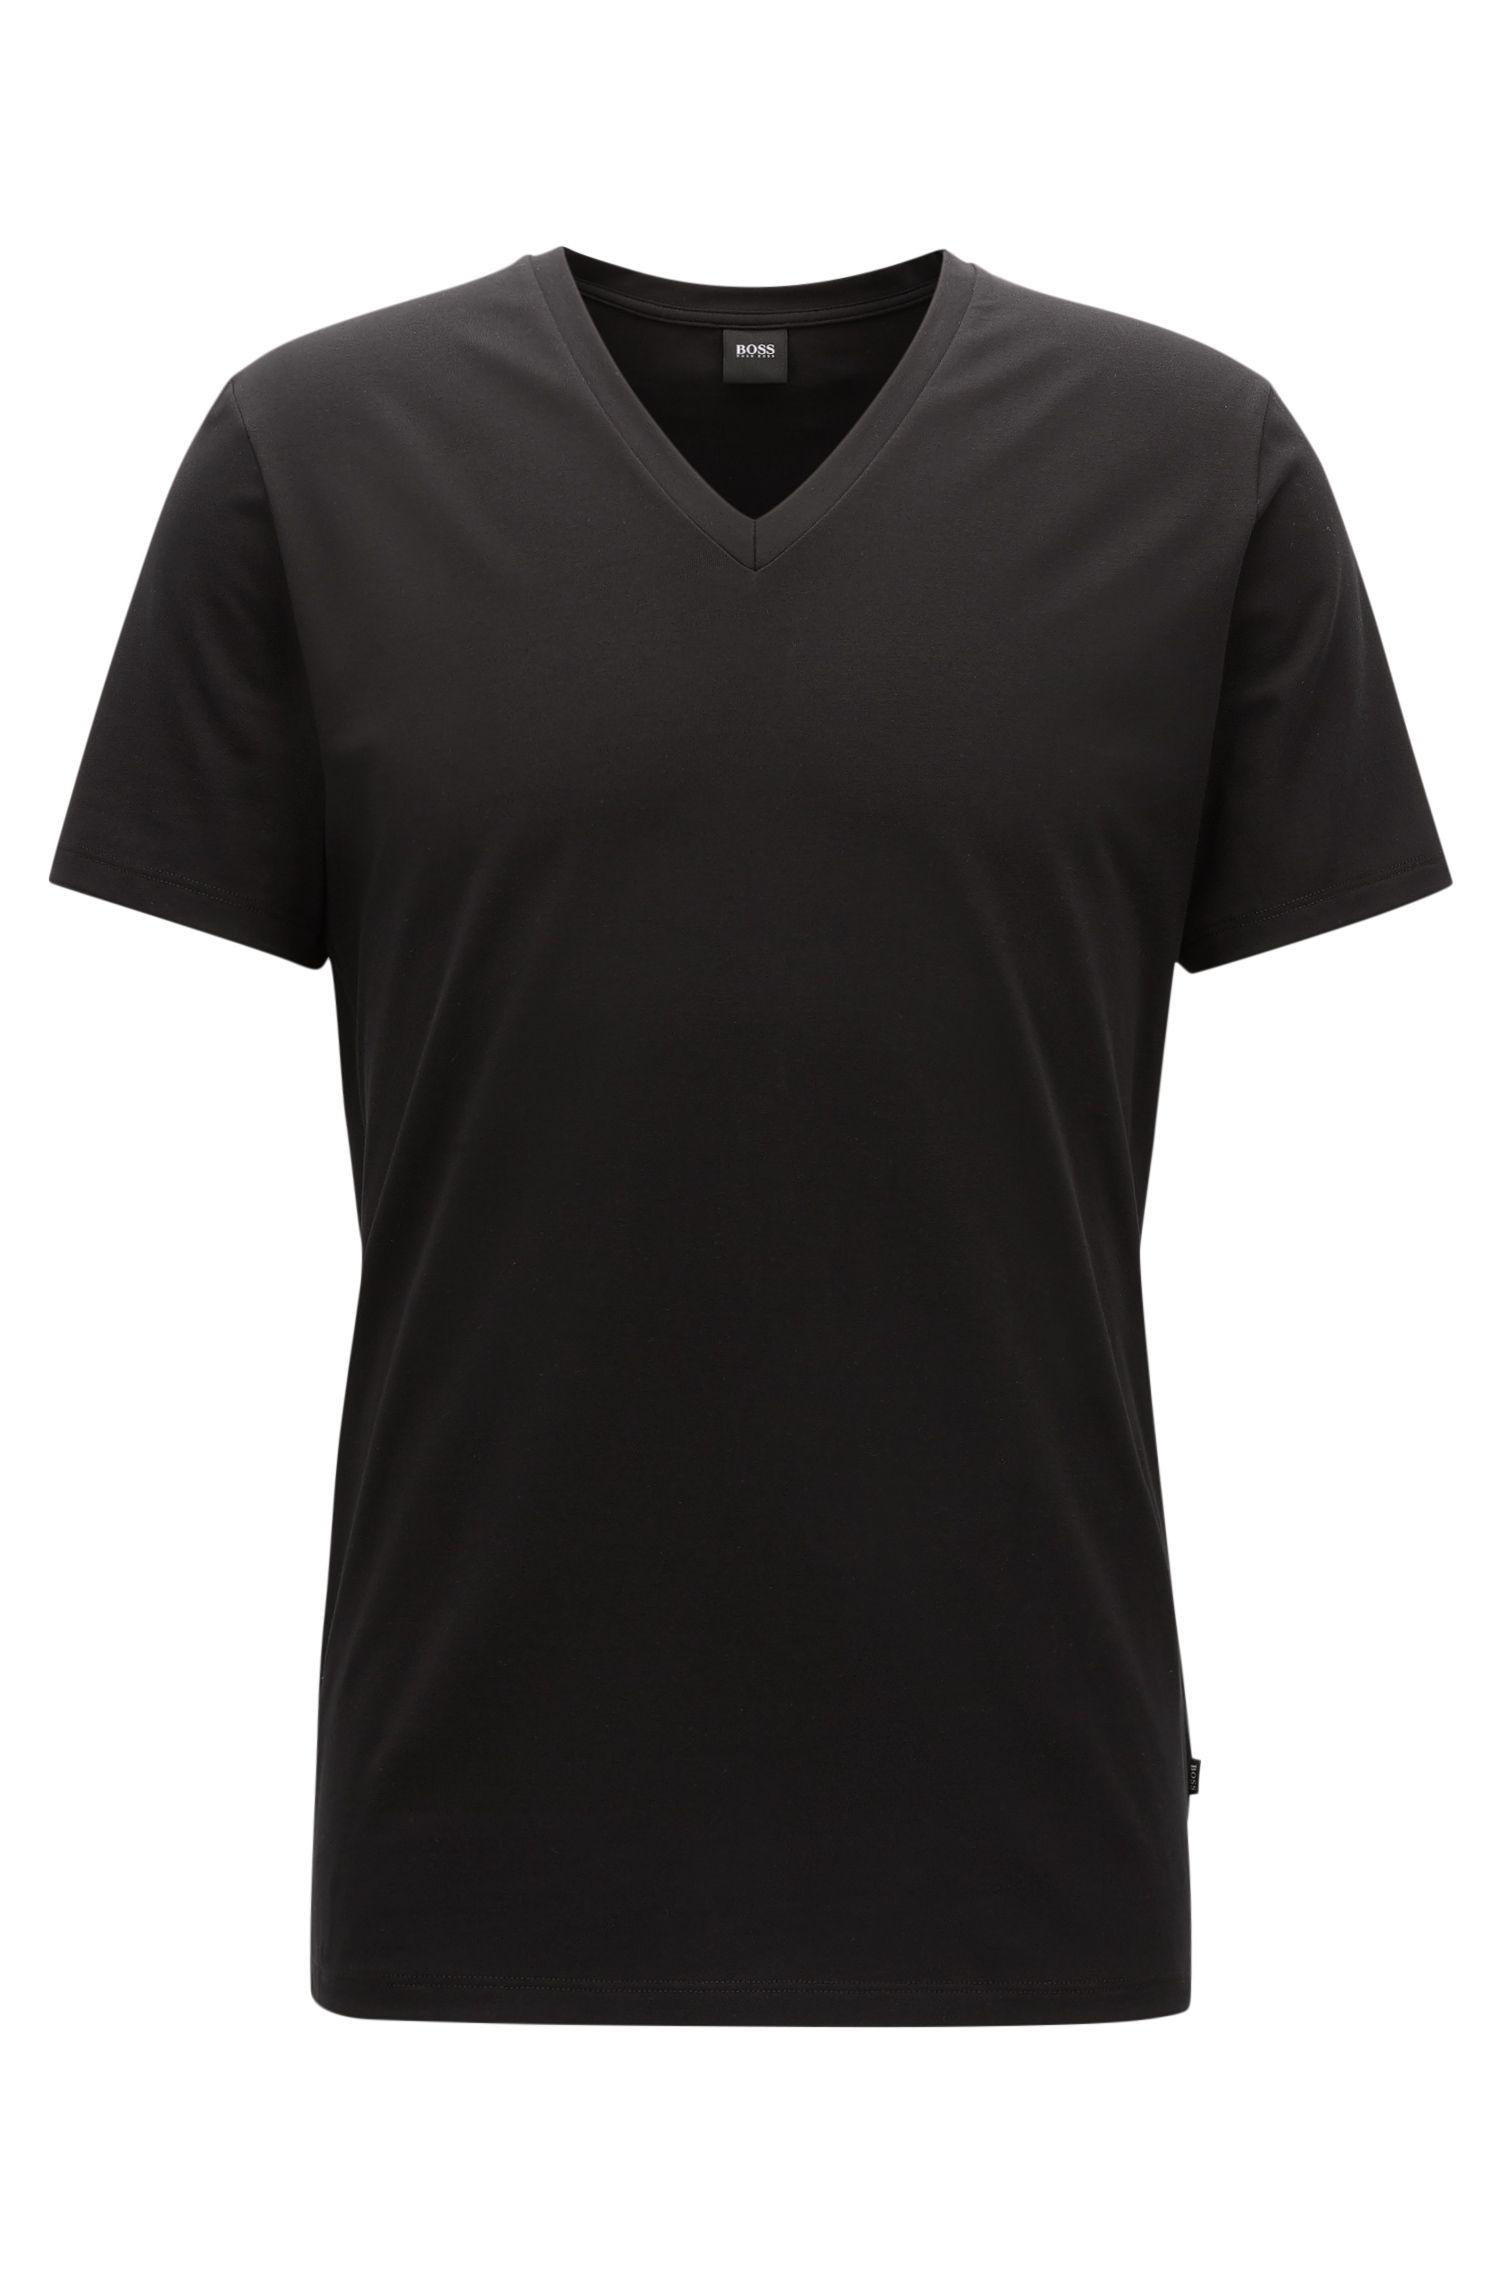 Regular-Fit T-Shirt aus ägyptischer Stretch-Baumwolle mit V-Ausschnitt